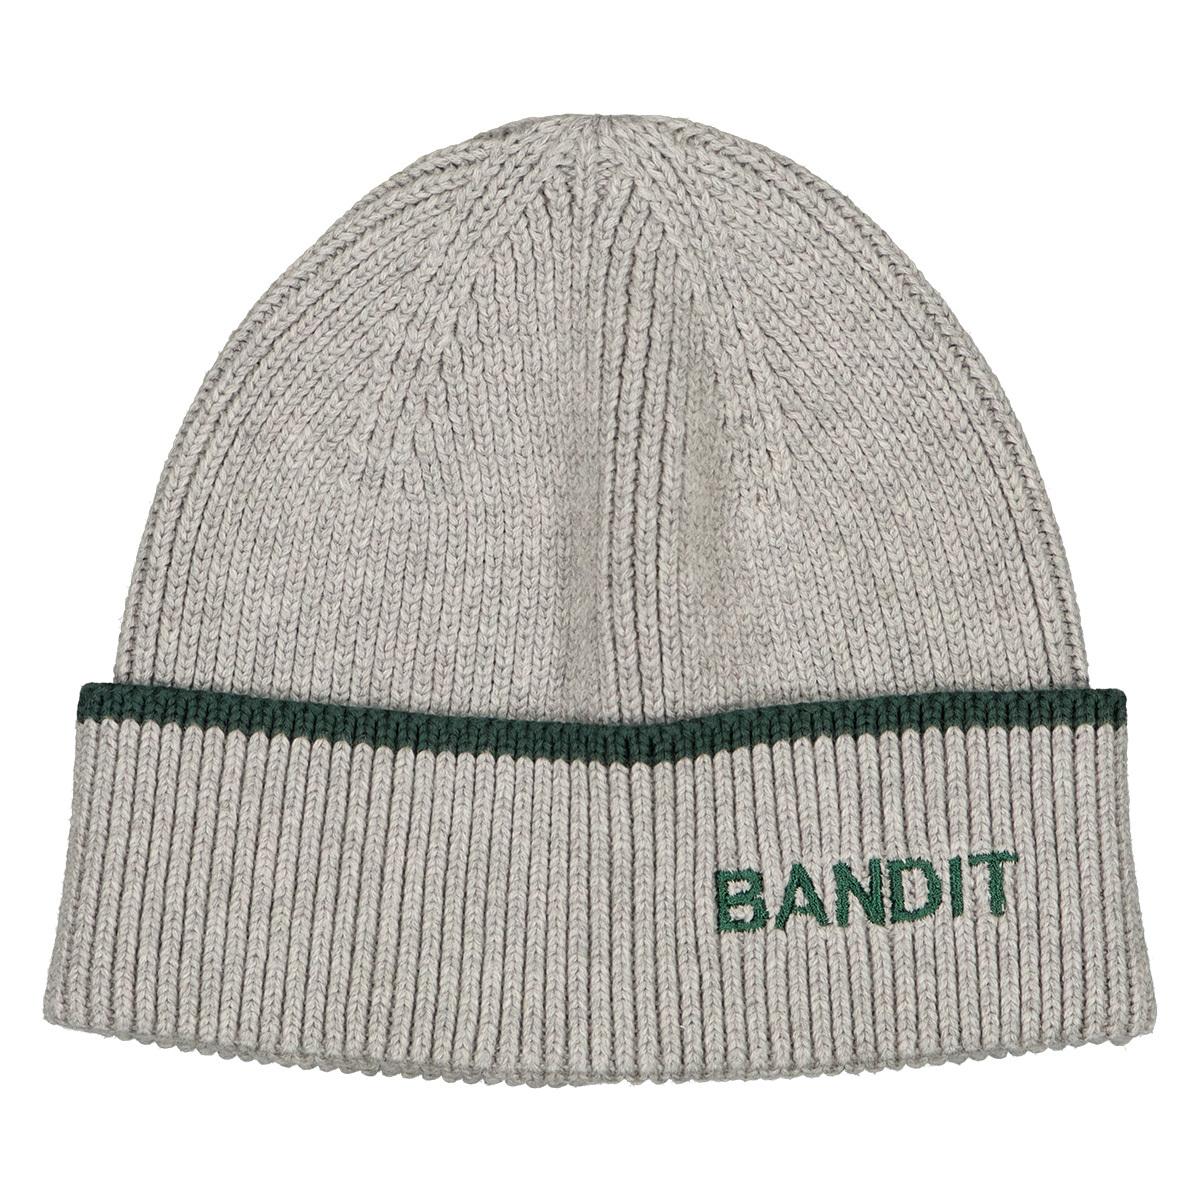 Accessoires bébé Bonnet Bandit - 9/24 Mois Bonnet Bandit - 9/24 Mois